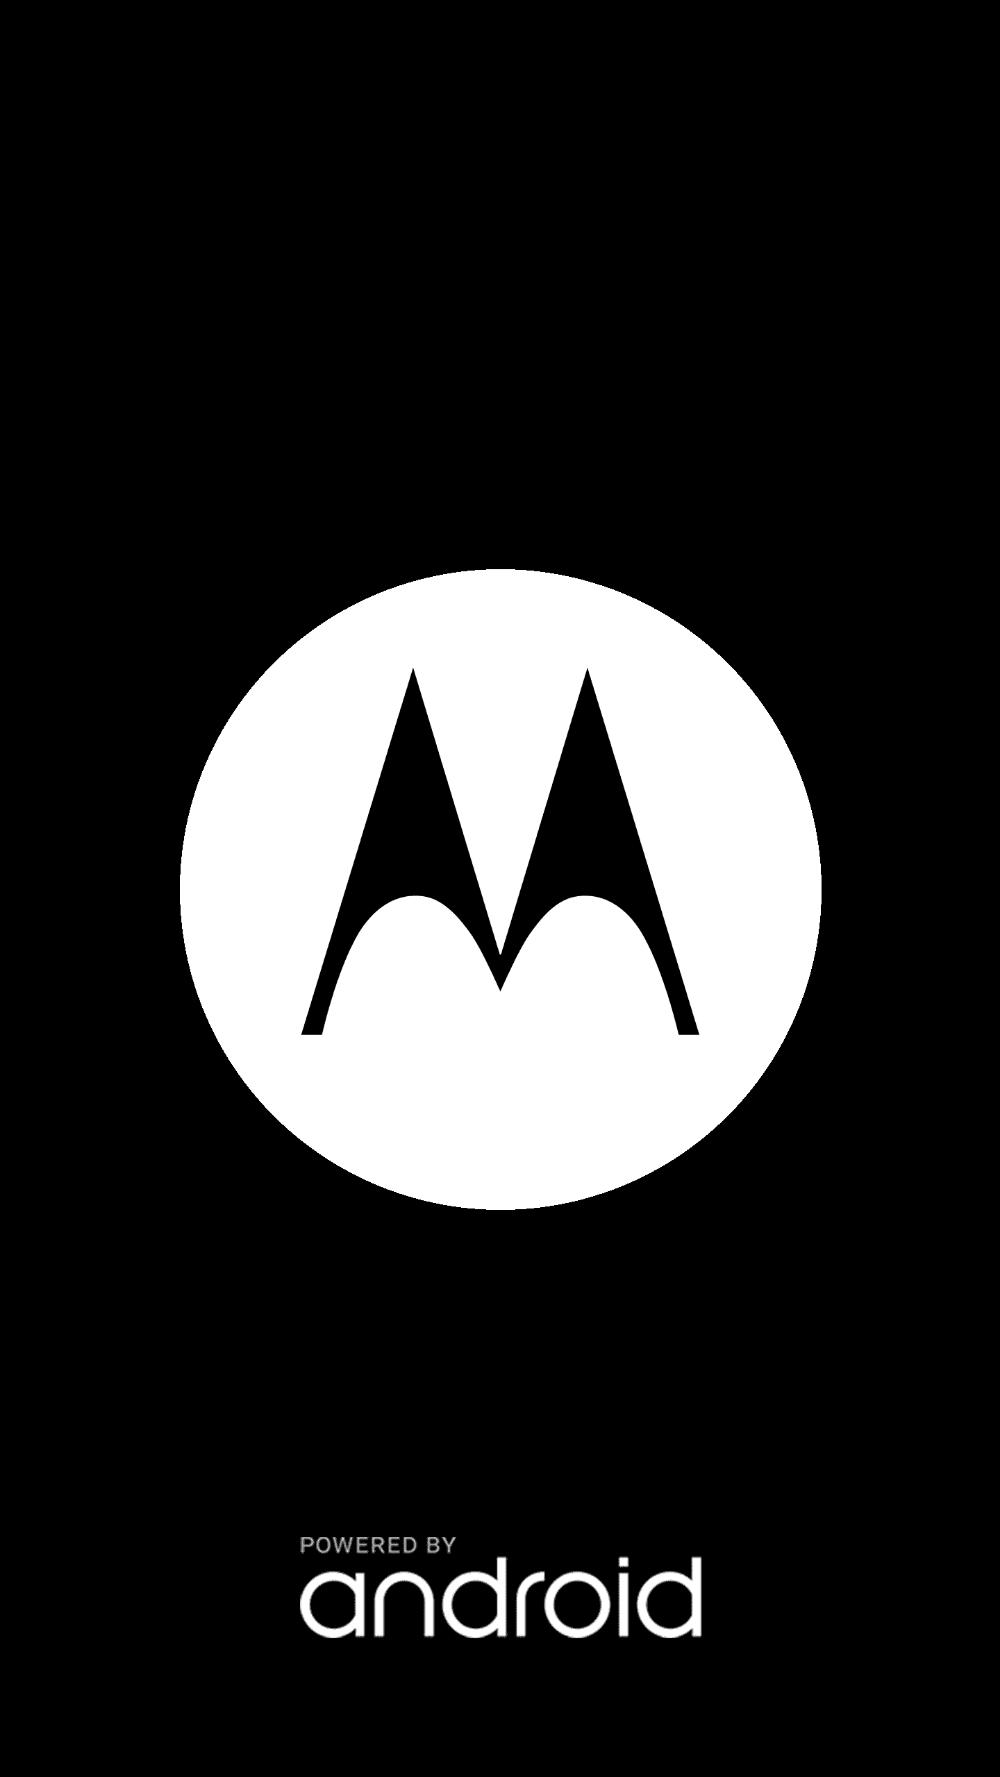 moto logo Google Search Motorola wallpapers, Motorola